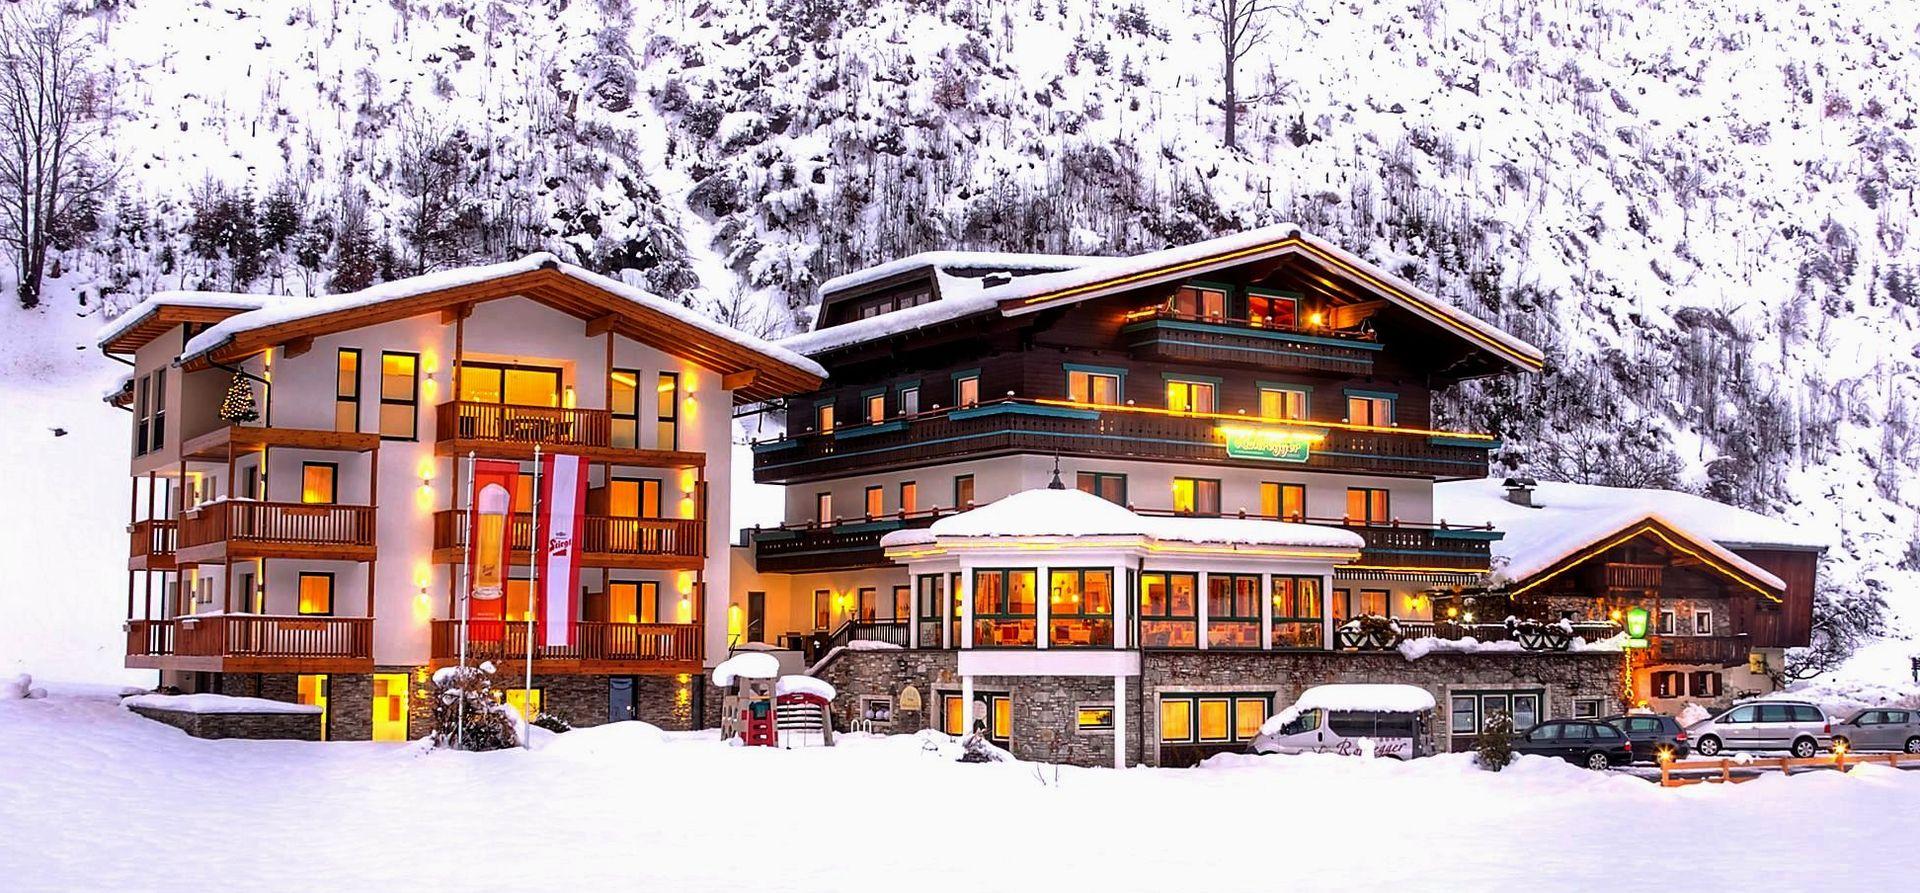 Hotel Garni & Landhaus Rohregger - Slide 1